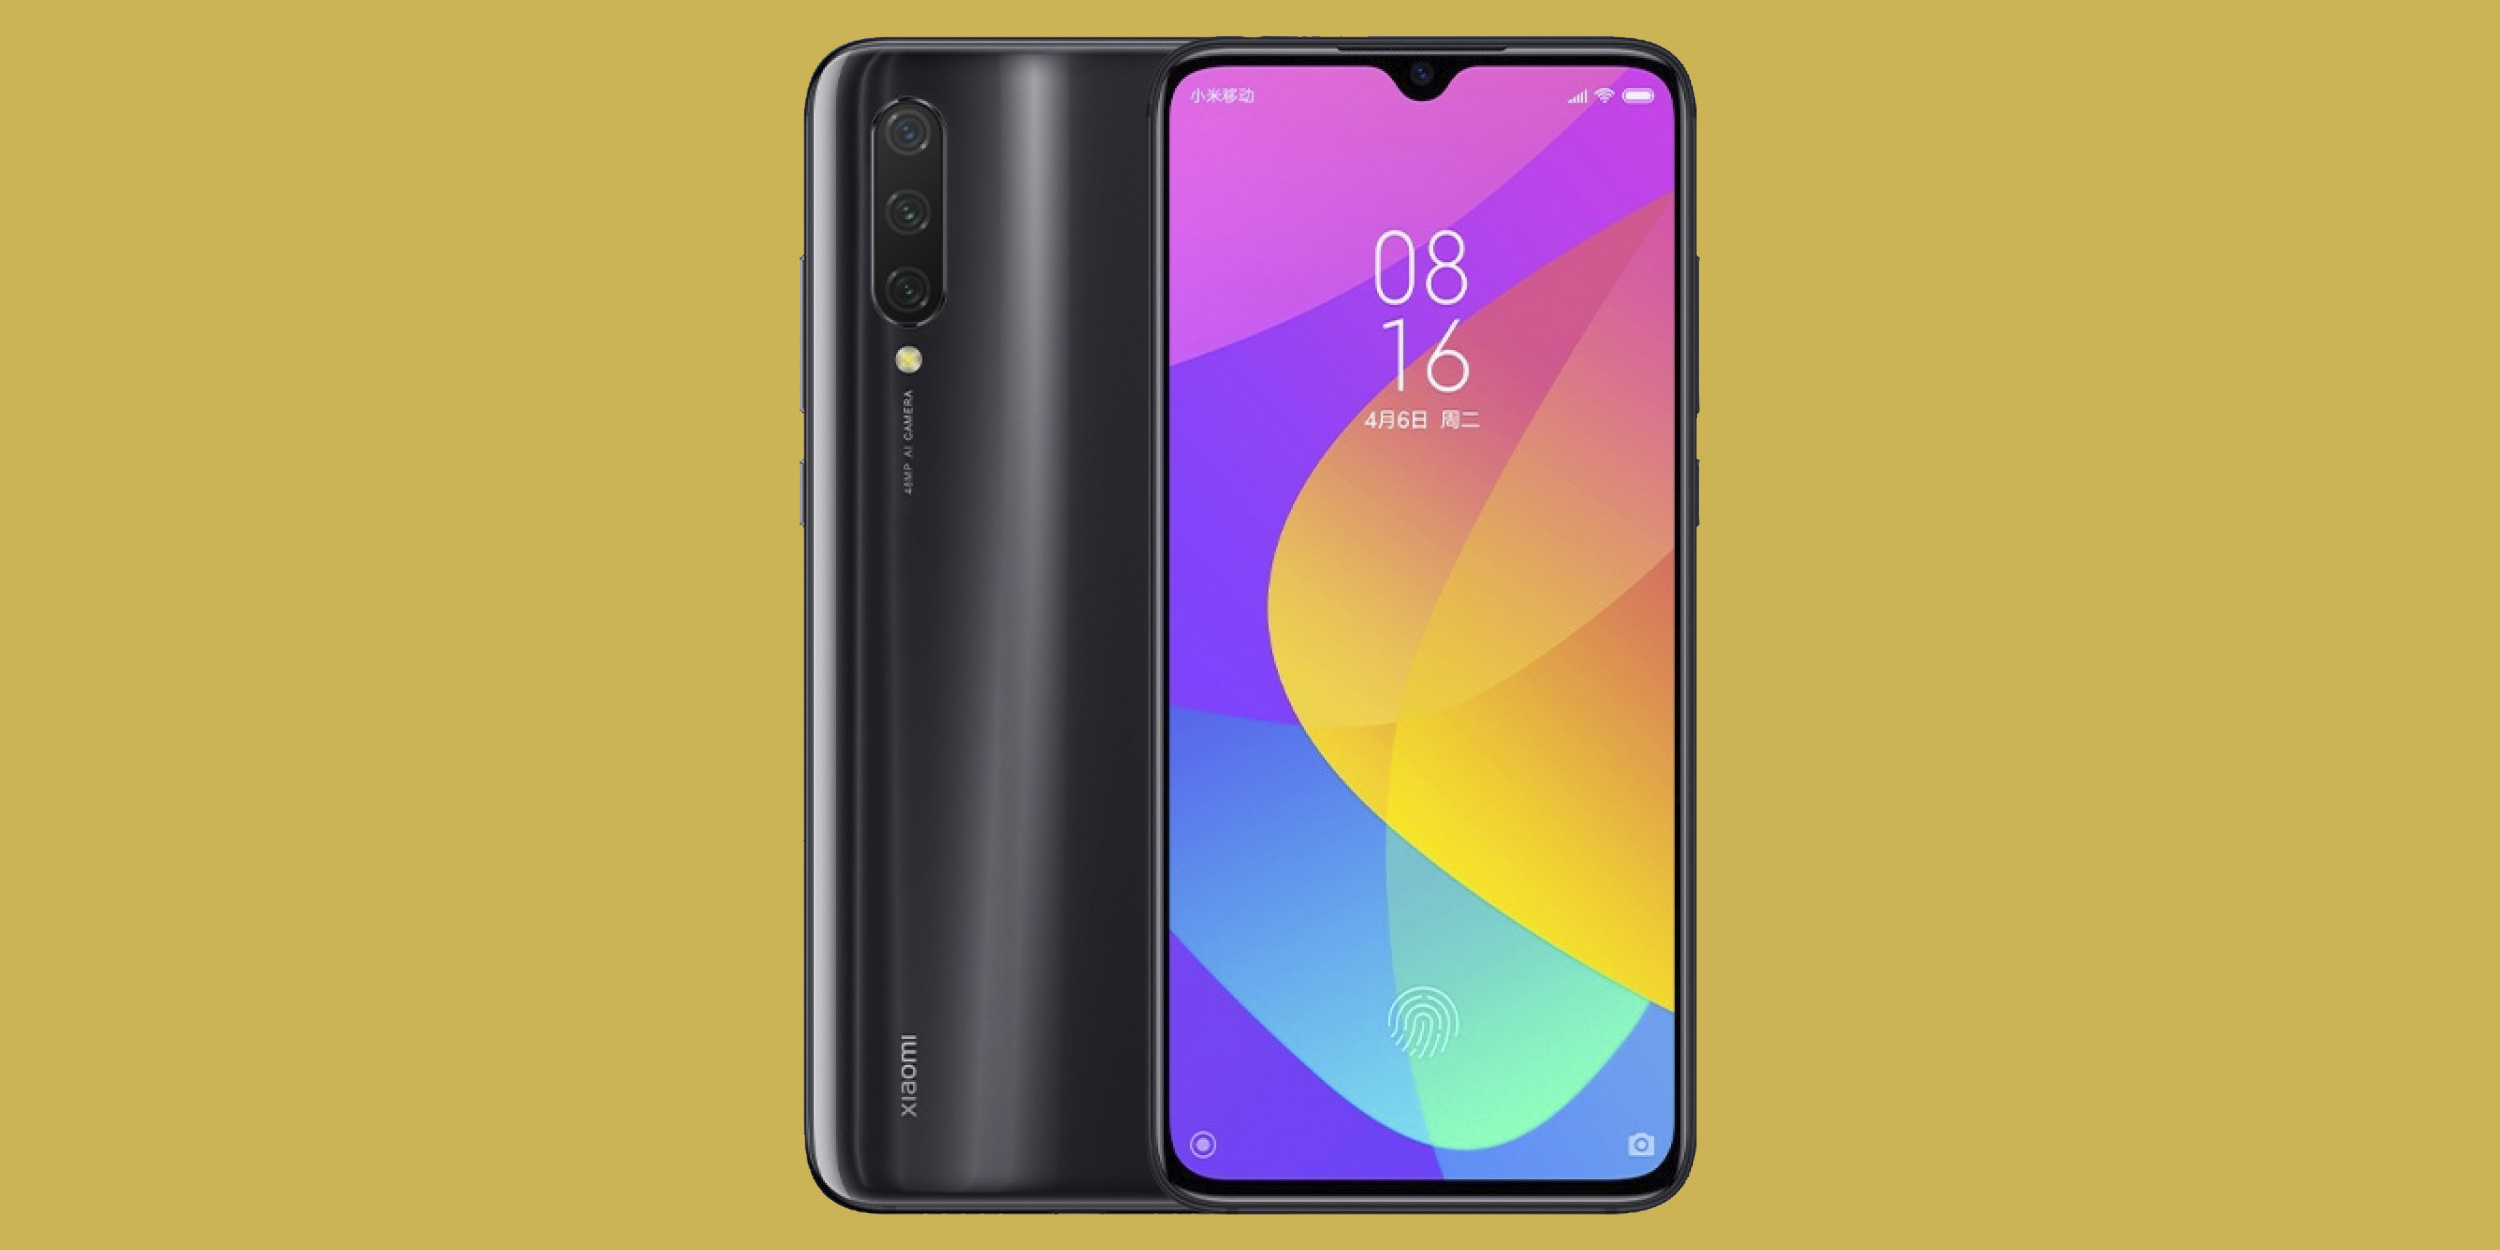 Xiaomi Mi 9 Lite —смартфон от Xiaomi с NFC и селфи-камерой на 32 Мп